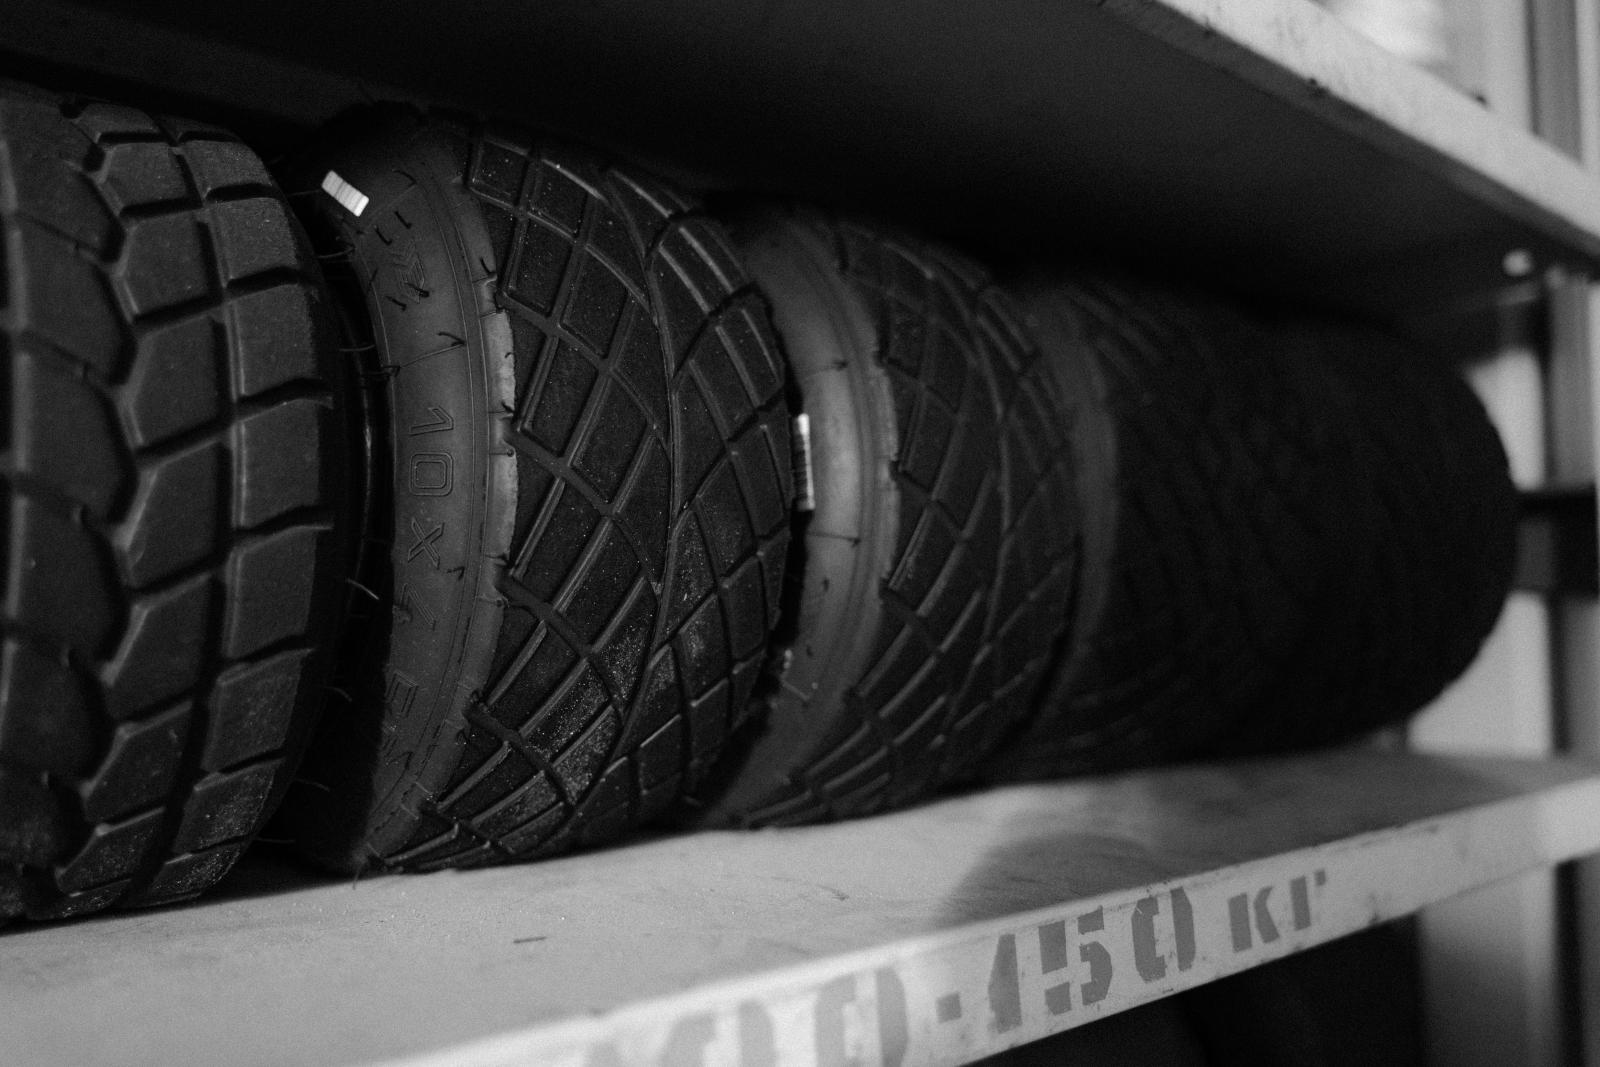 【汽車專知】輪胎上的數字代表什麼?除了尺寸還有含義